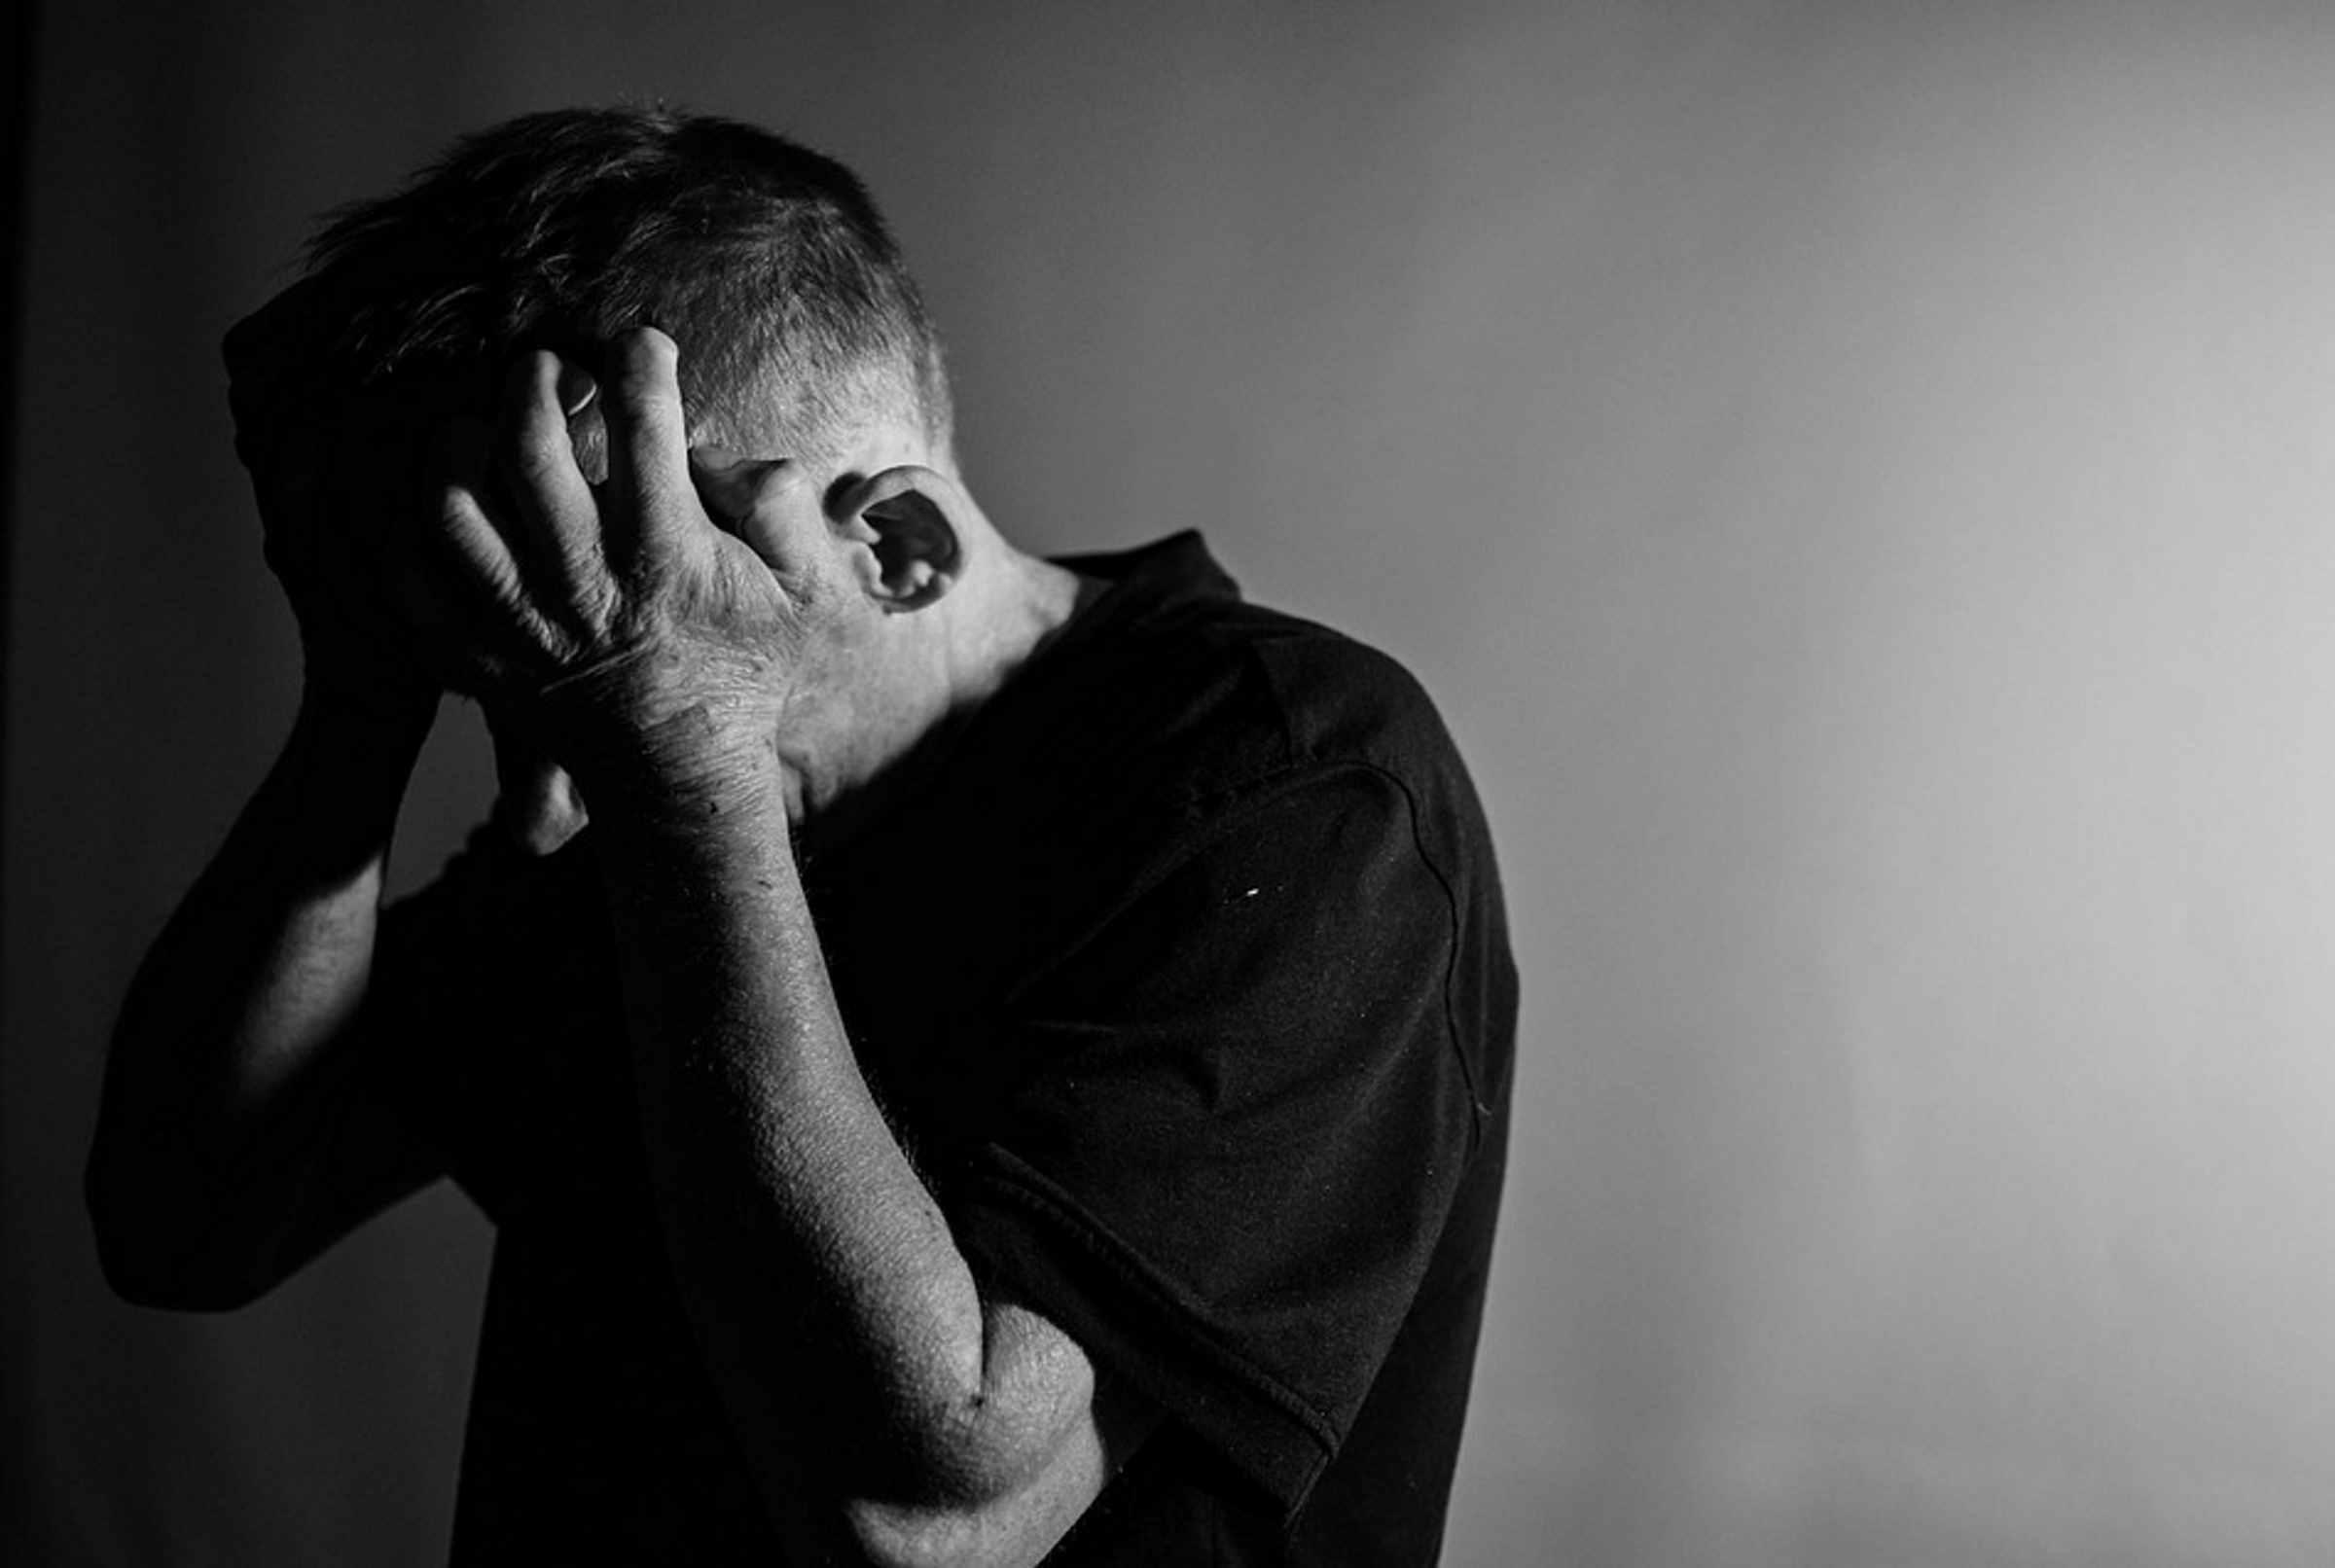 دراسة أمريكية: الأمراض الجسدية تزيد من خطر الانتحار لدى الرجال وليس النساء